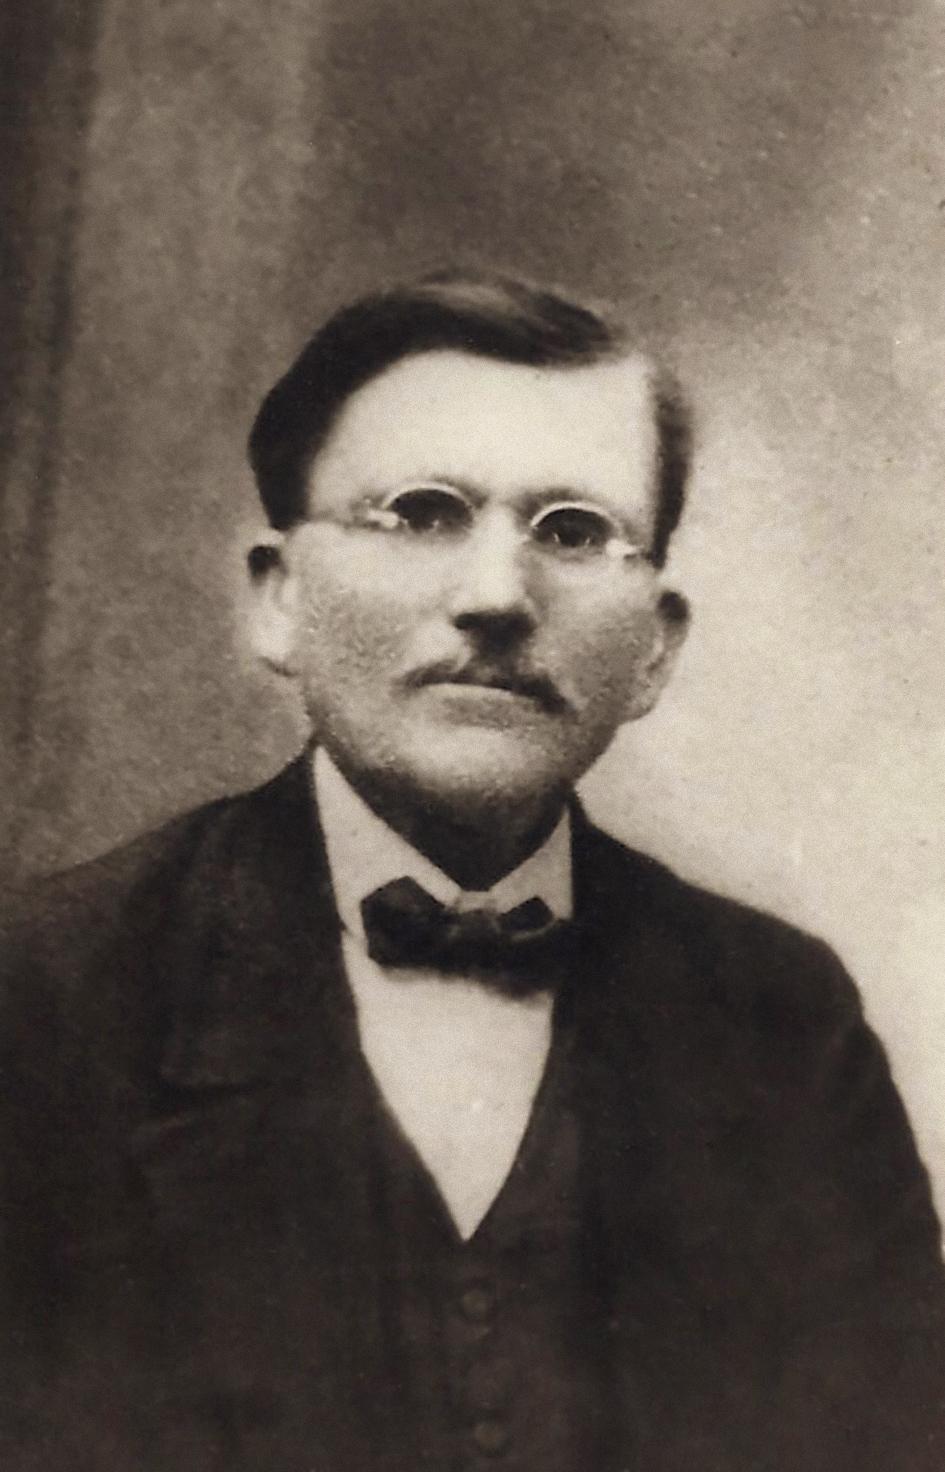 Riffel foi um missionário isolado de outros líderes adventistas por muito tempo na América do Sul até receber apoio oficial.